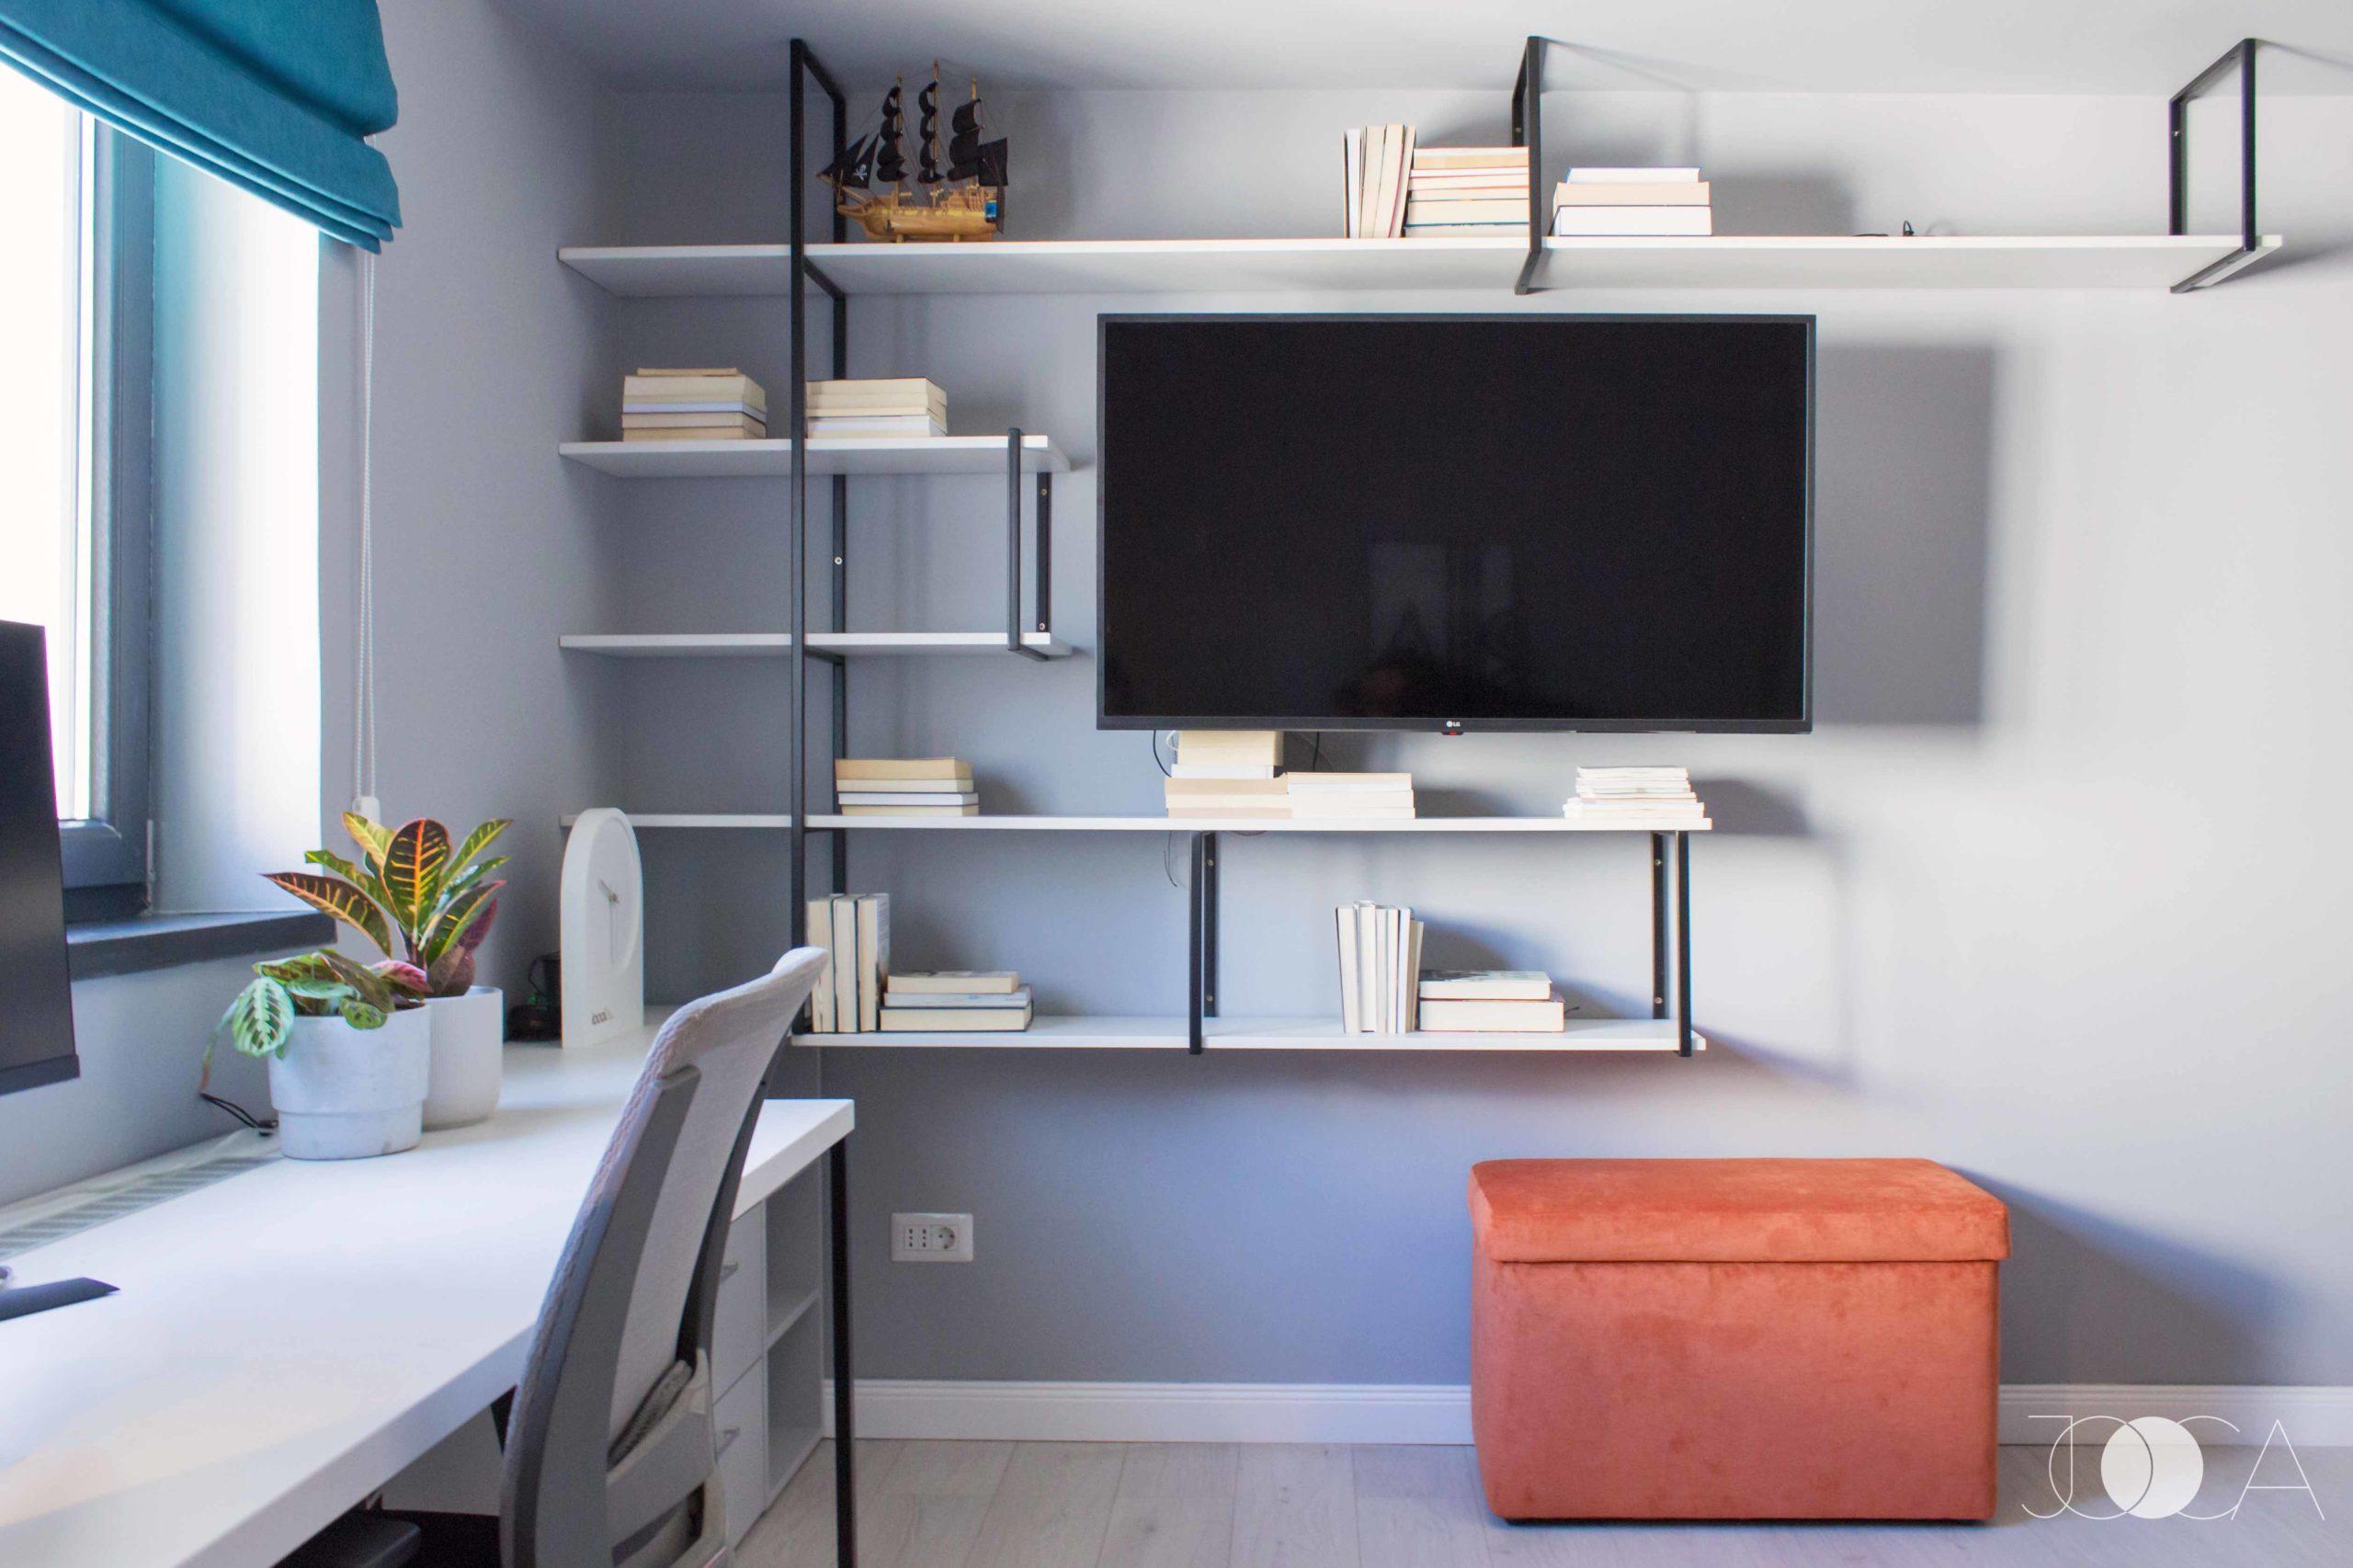 Biblioteca din camera copilului este realizata din cadre metalice, pe care se sprijina politele din pal. Transparenta cadrelor face ca zona sa para aerisita si usoara.